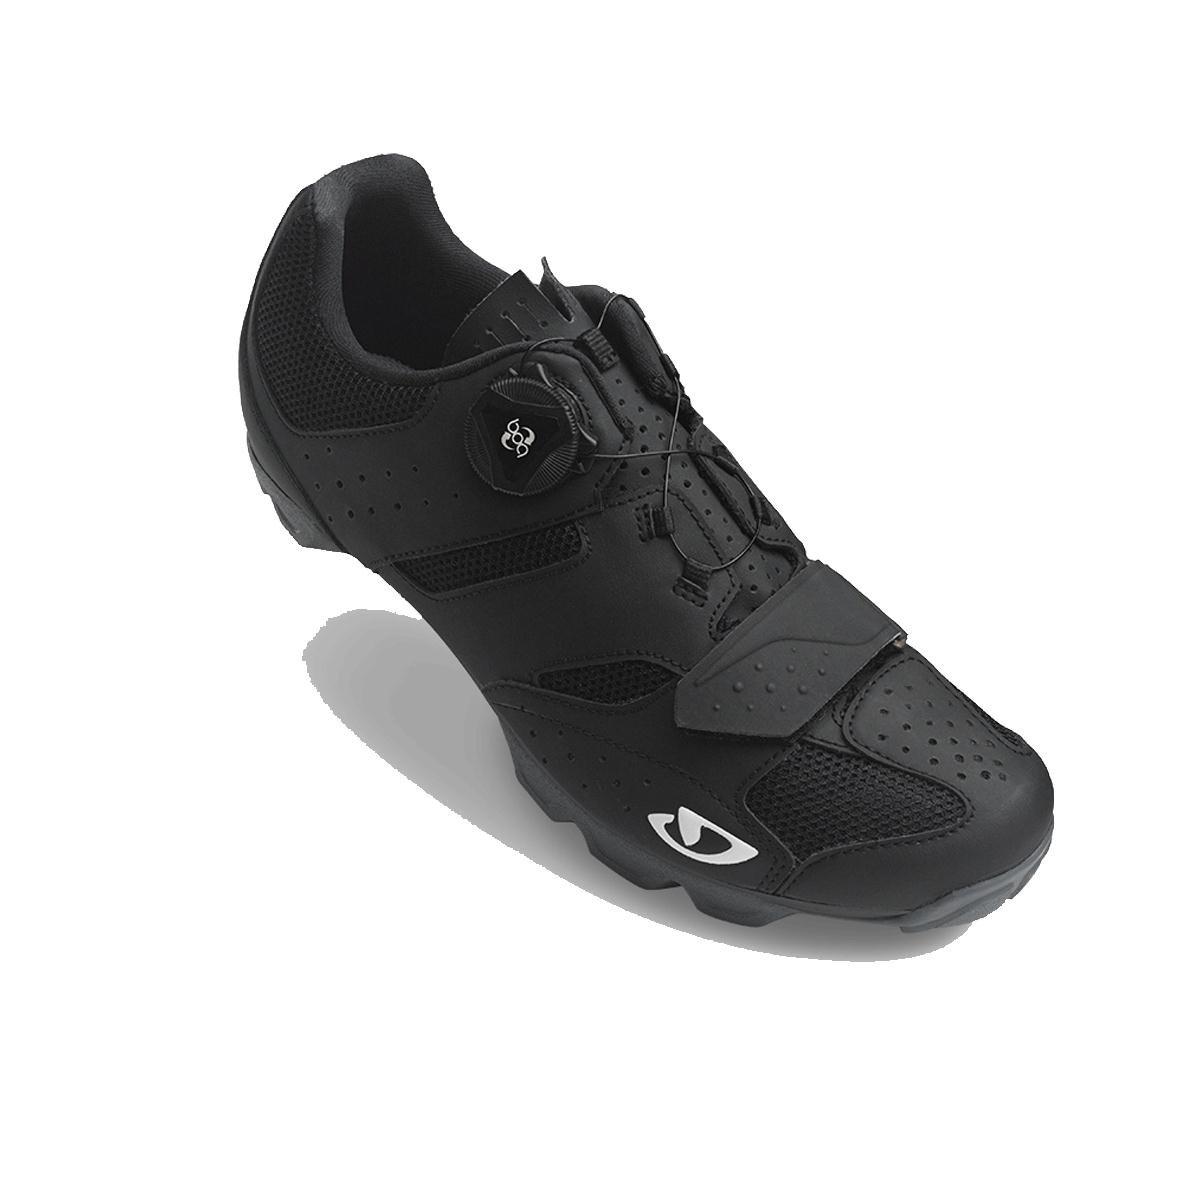 Giro Cylinder Cycling Shoes - Women's Black 36